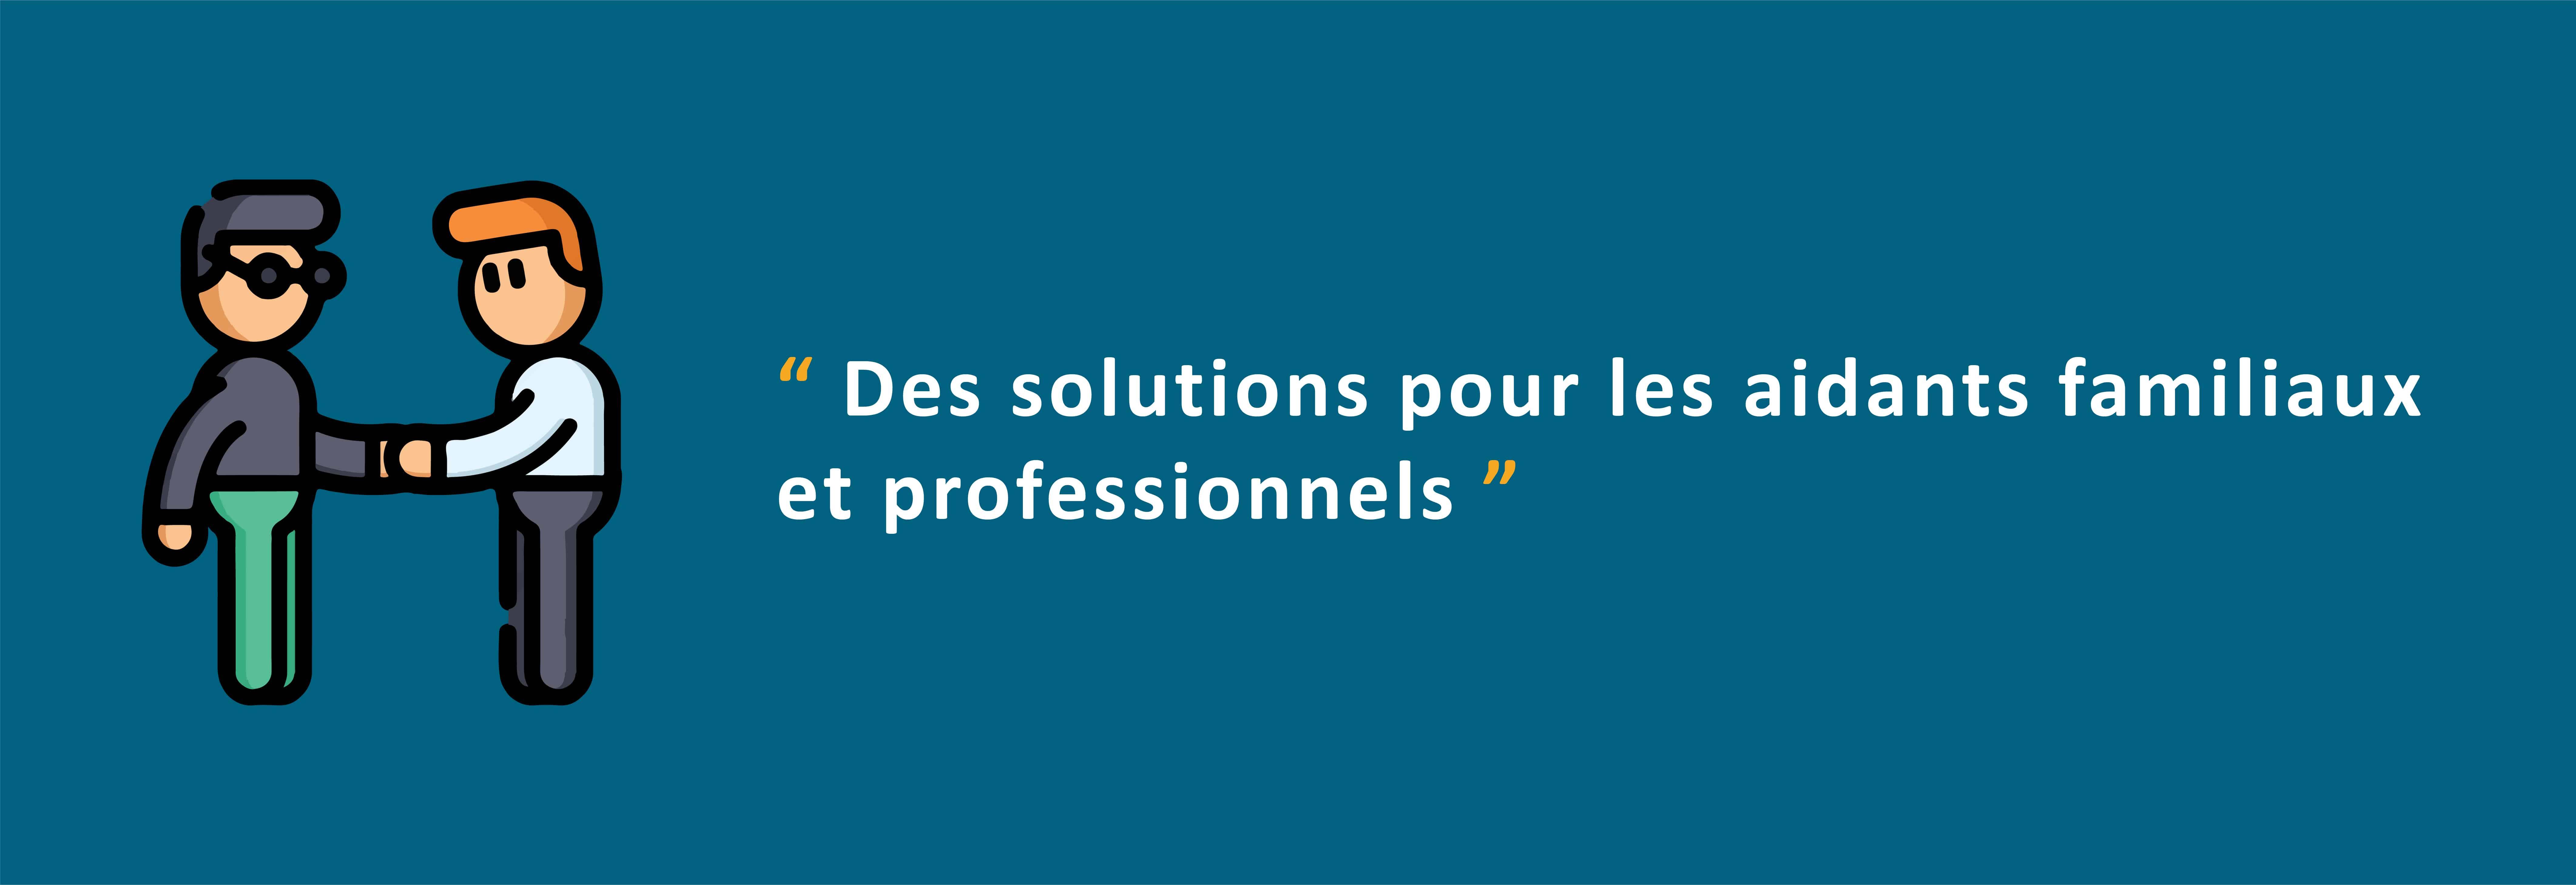 """""""Des solutions pour les aidants familiaux et professionnels."""""""